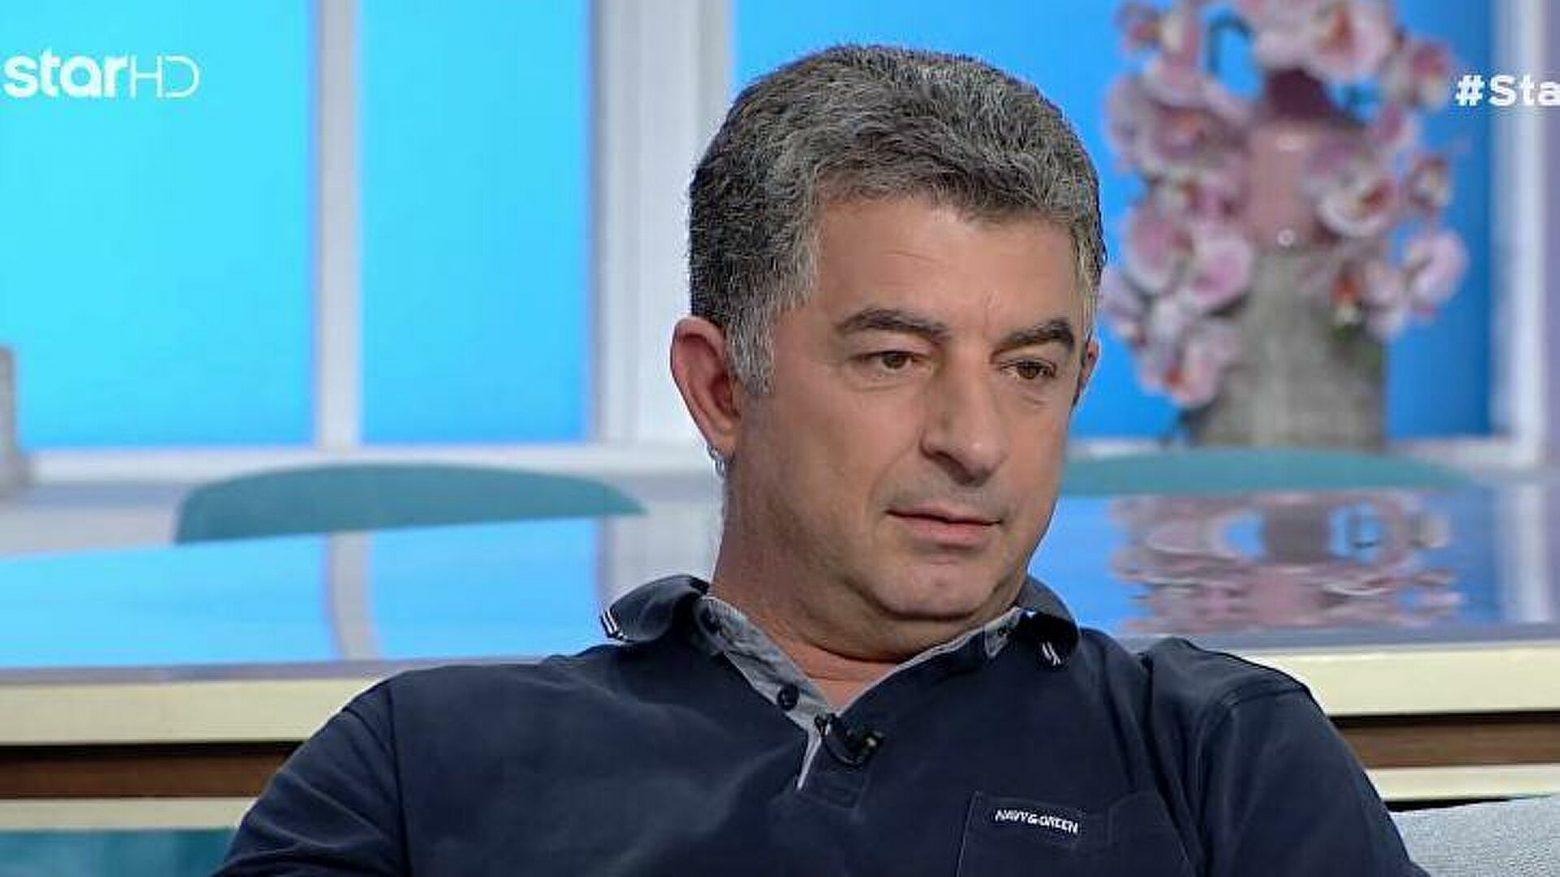 Γιώργος Καραϊβάζ : Στα χέρια των αρχών βίντεο που δείχνει τους δράστες - Φωτογραφία από την ώρα της εκτέλεσης | in.gr